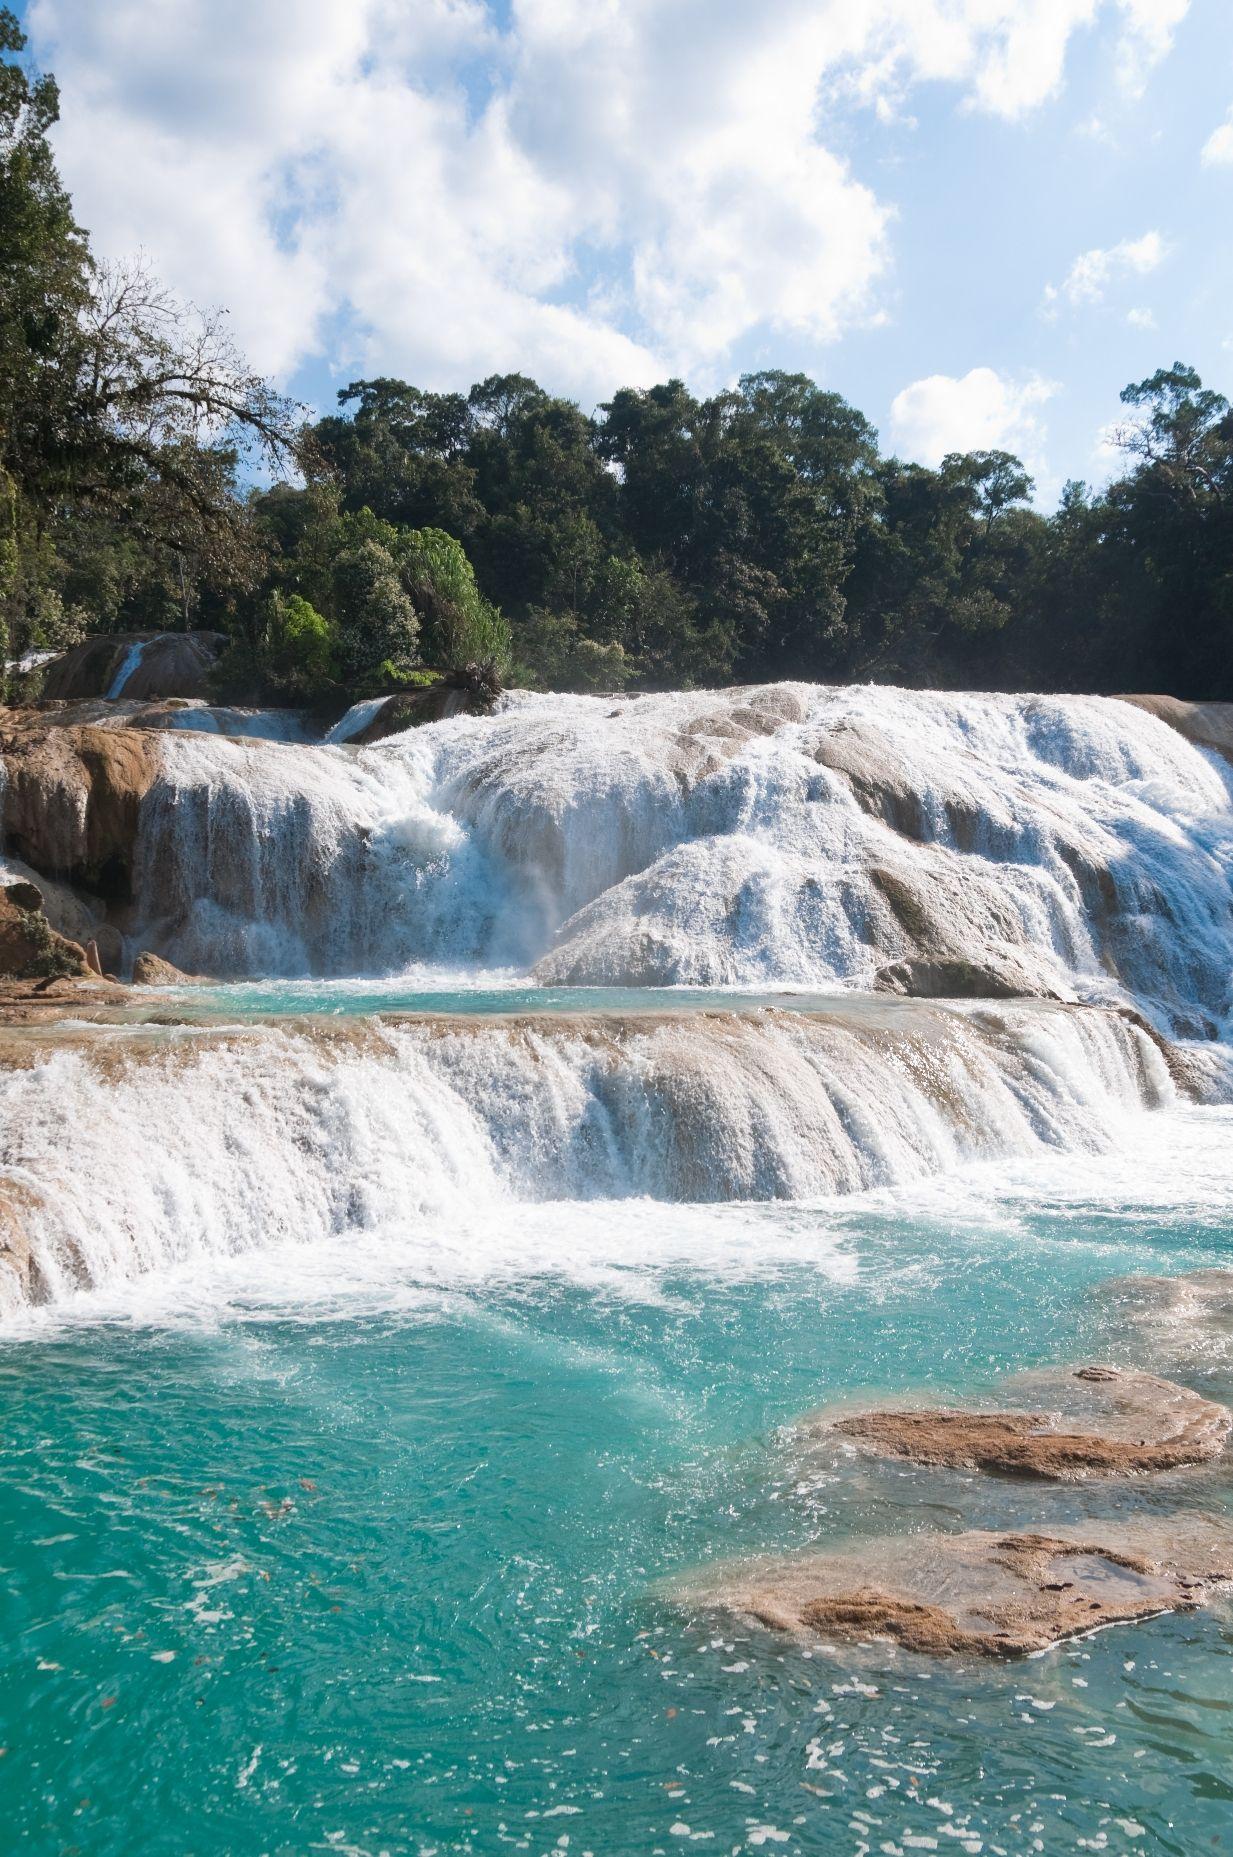 El río Agua Azul en #Chiapas es la opción ideal para los amantes de la naturaleza y el #turismoaventura. Disfruta de las mejores aventuras: campinismo, paseos en bicicletas, pesca y reconocimiento de flora y fauna. www.bestday.com.mx/Chiapas/ReservaHoteles/